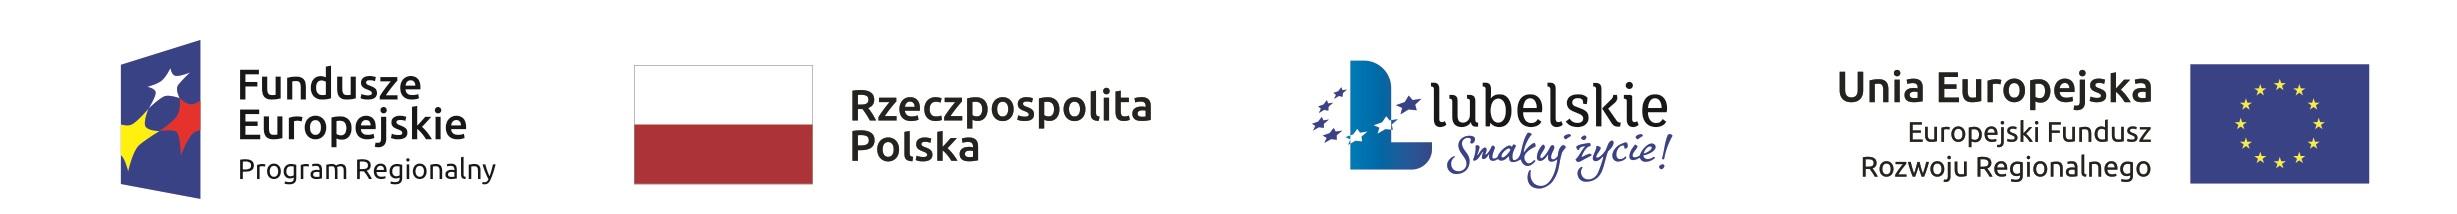 Logo Fundusze Europejskie, Rzeczpospolita Polska, Lubelskie - smakuj życie, Unia Europejska